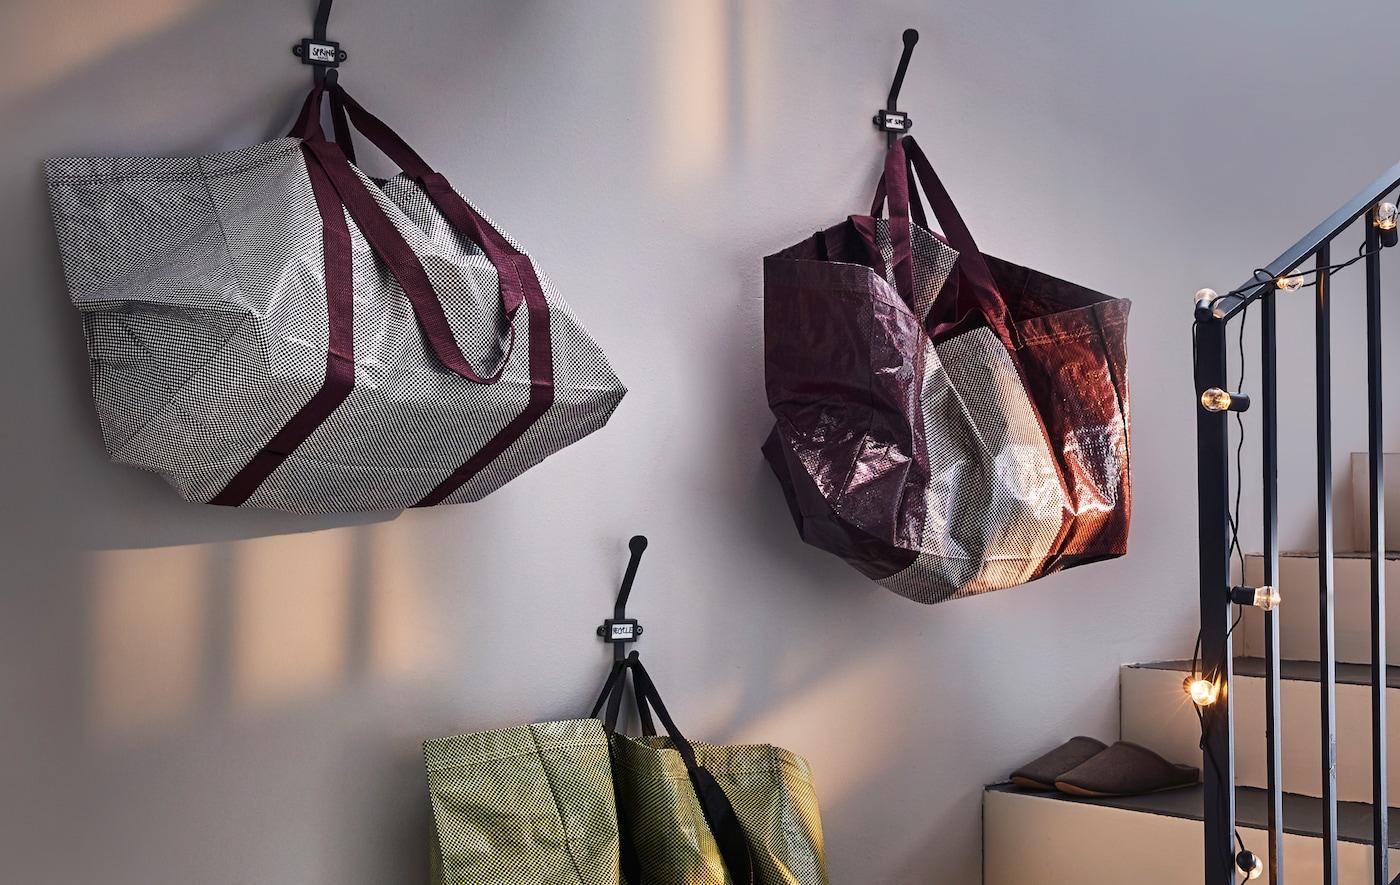 Ogni cosa al suo posto, e le pulizie diventano una passeggiata. In IKEA trovi mobili e accessori per organizzare i tuoi spazi, come le borse HAY nei nuovi colori verde, bianco, viola e giallo.